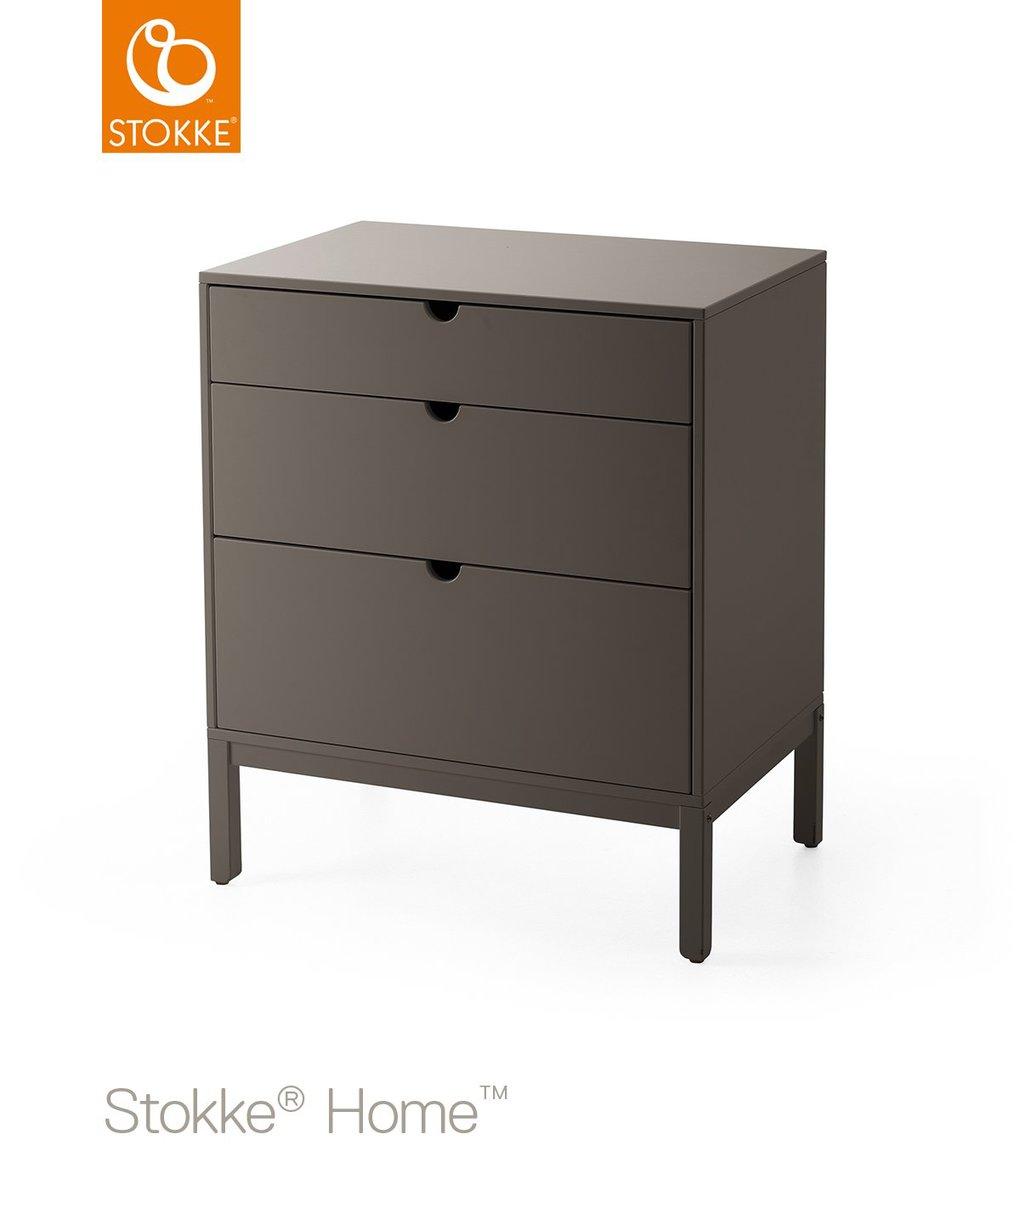 Cassetti per cassettiera stokke® home™ - hazy grey - Stokke